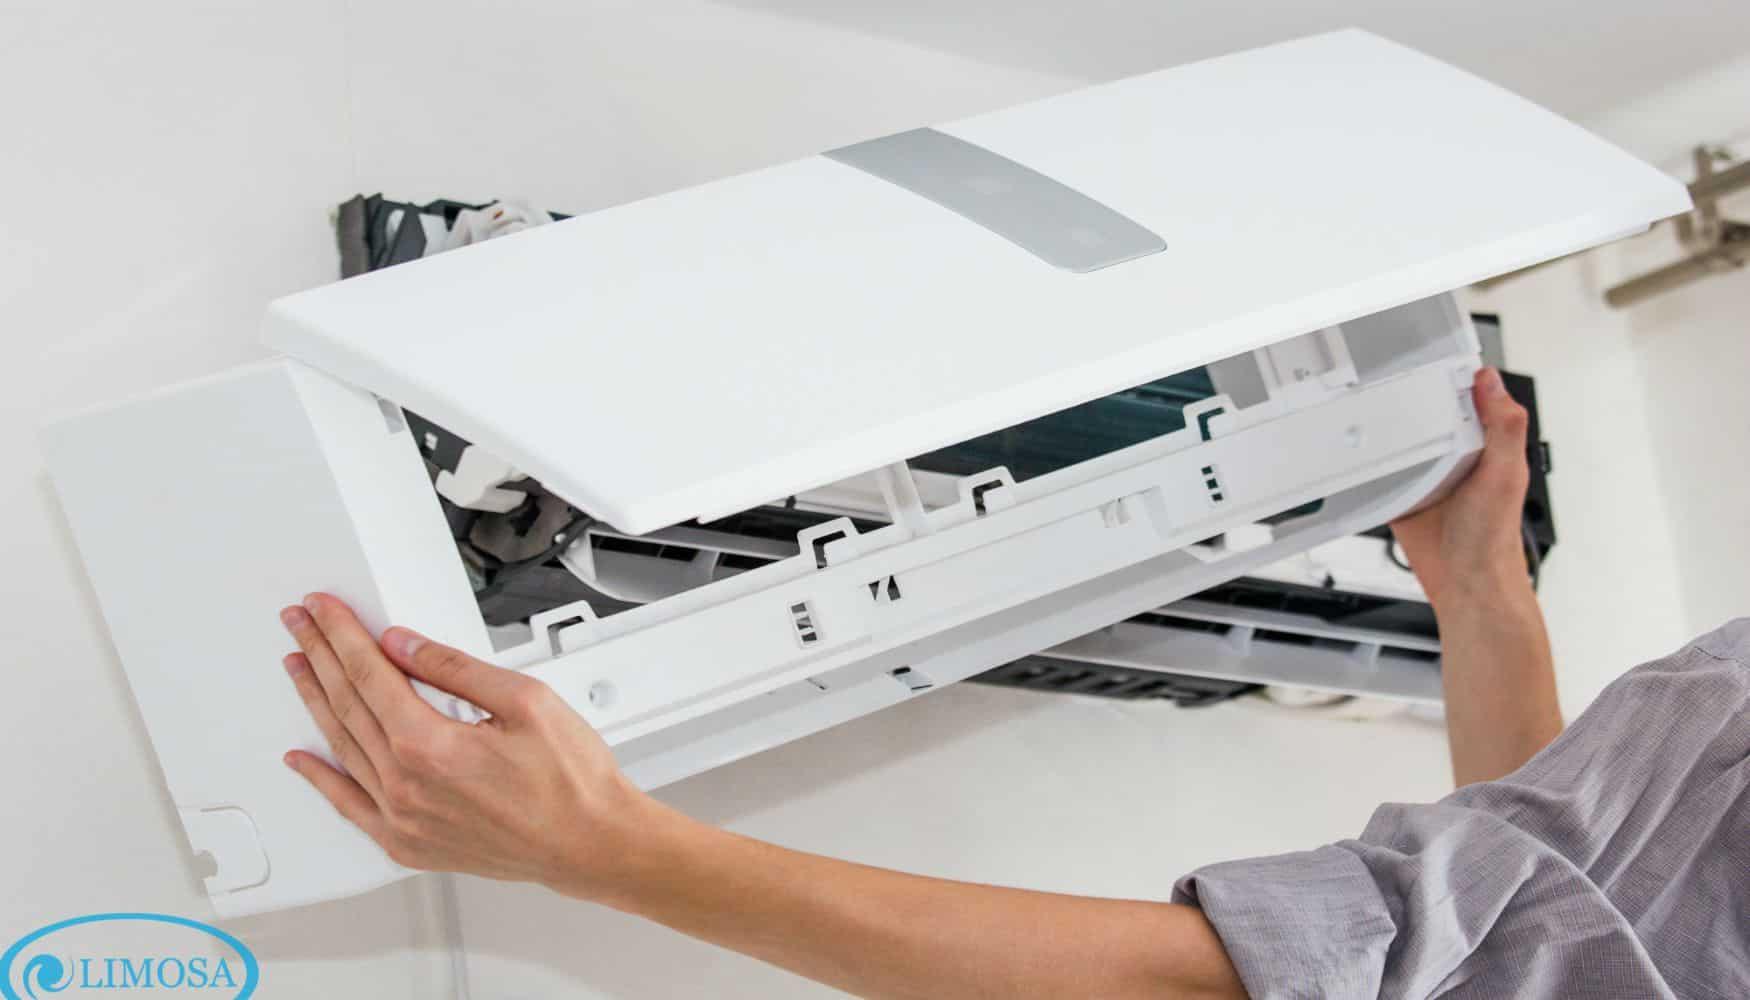 Vì sao bạn nên lựa chọn Limosa để sửa máy lạnh quận 5?